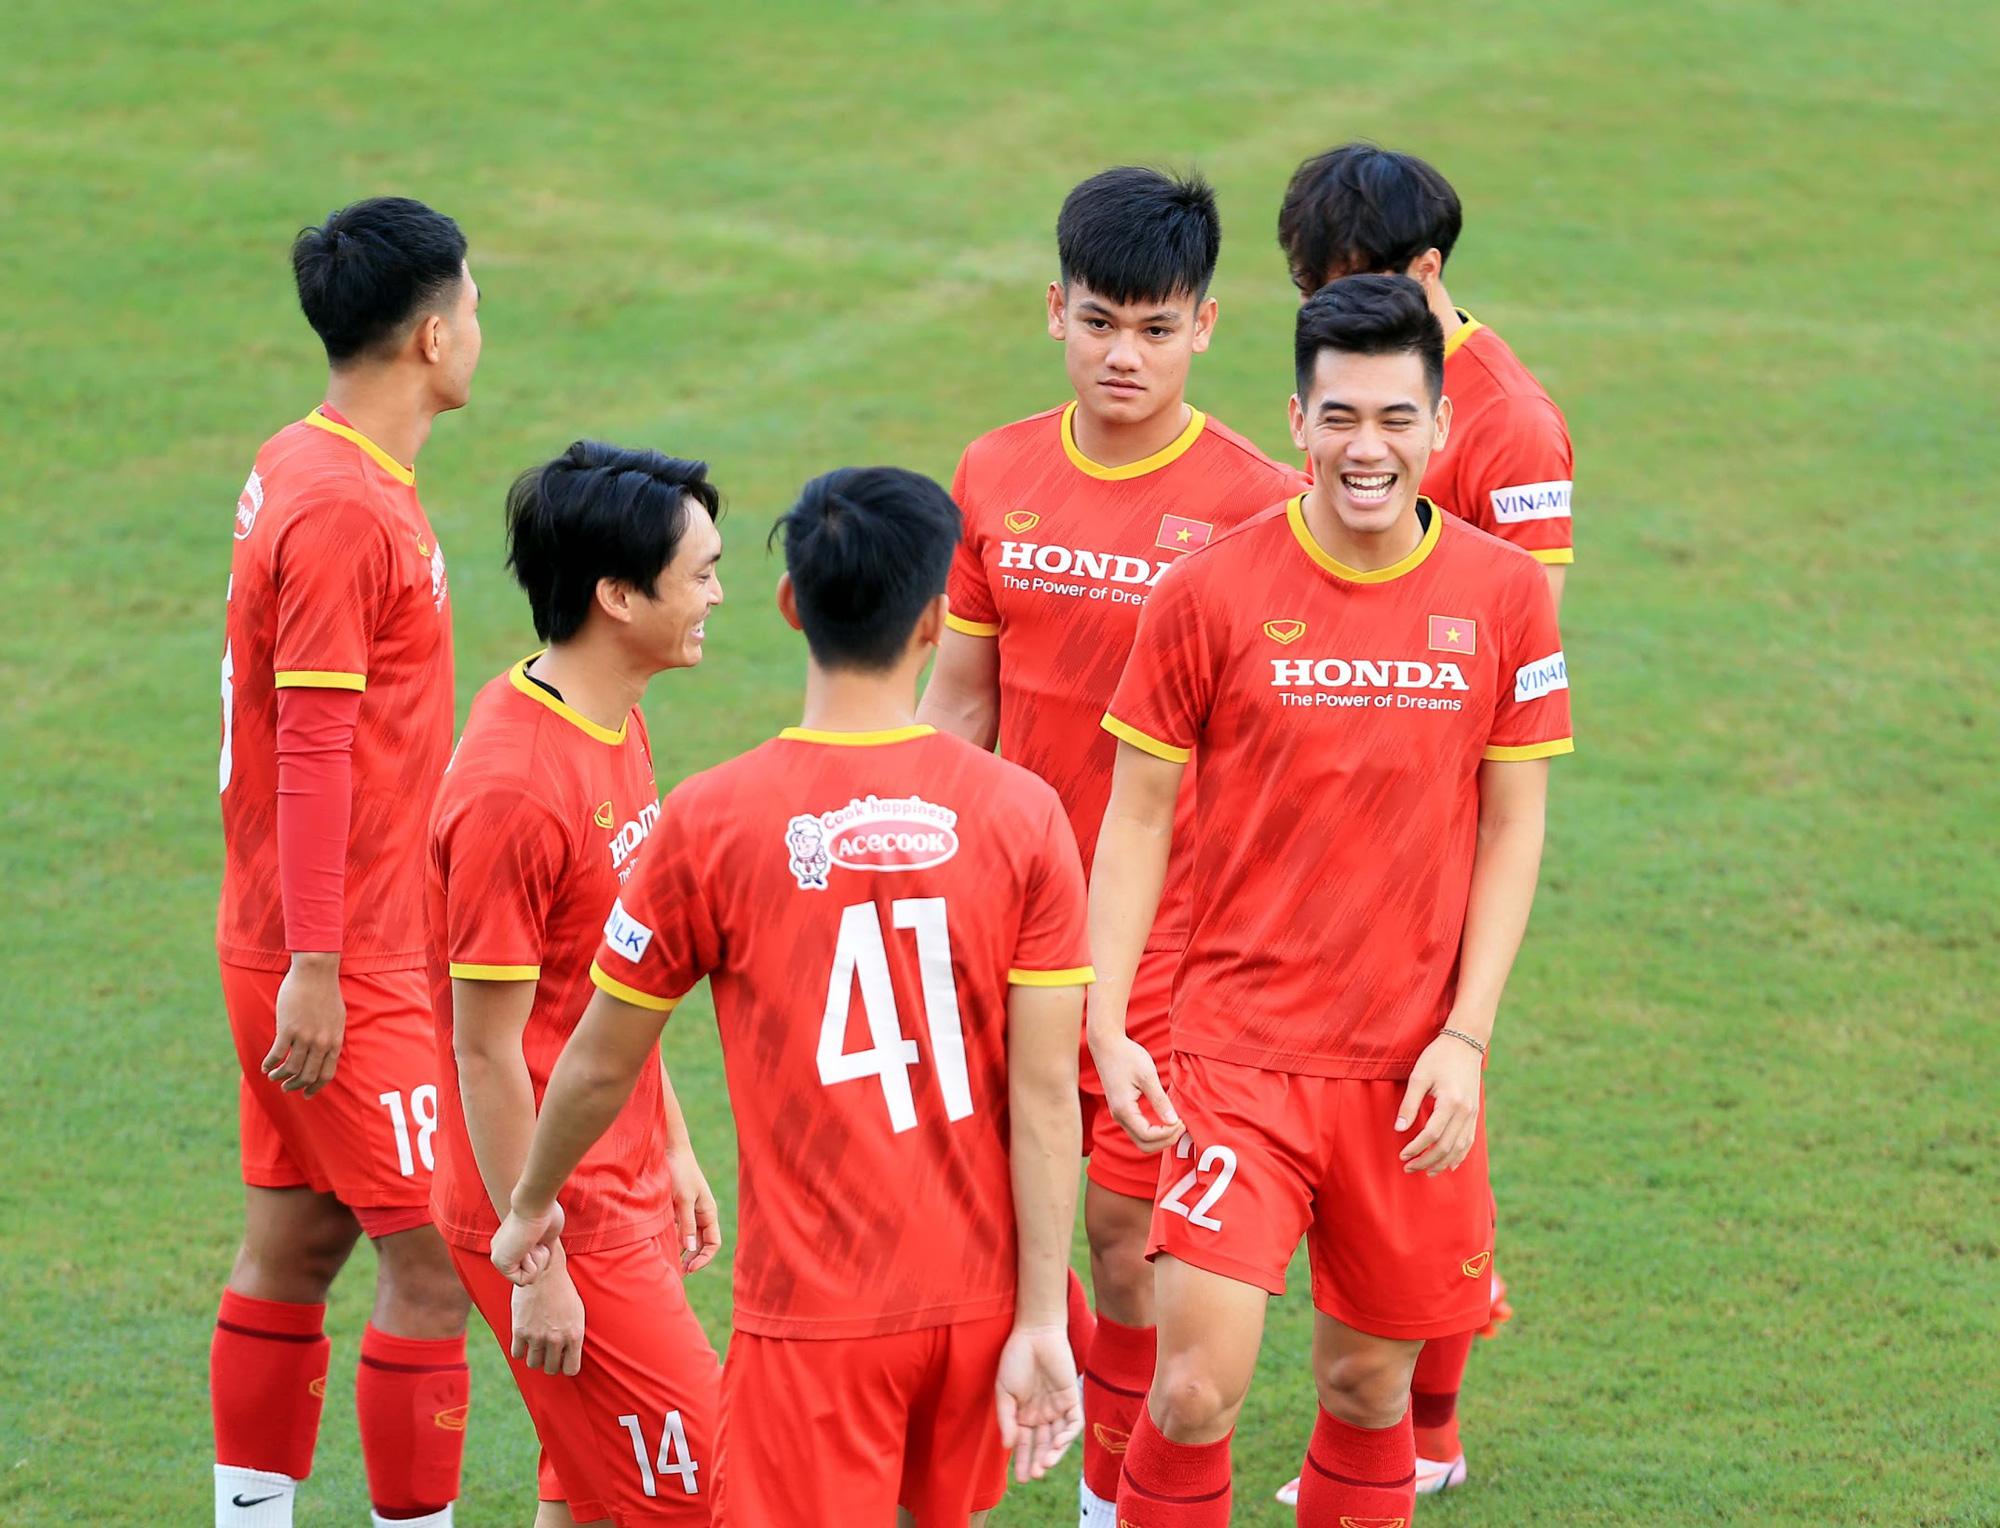 Tuấn Anh và đồng đội hào hứng khi trở thành thủ môn bất đắc dĩ cho tuyển Việt Nam - ảnh 2